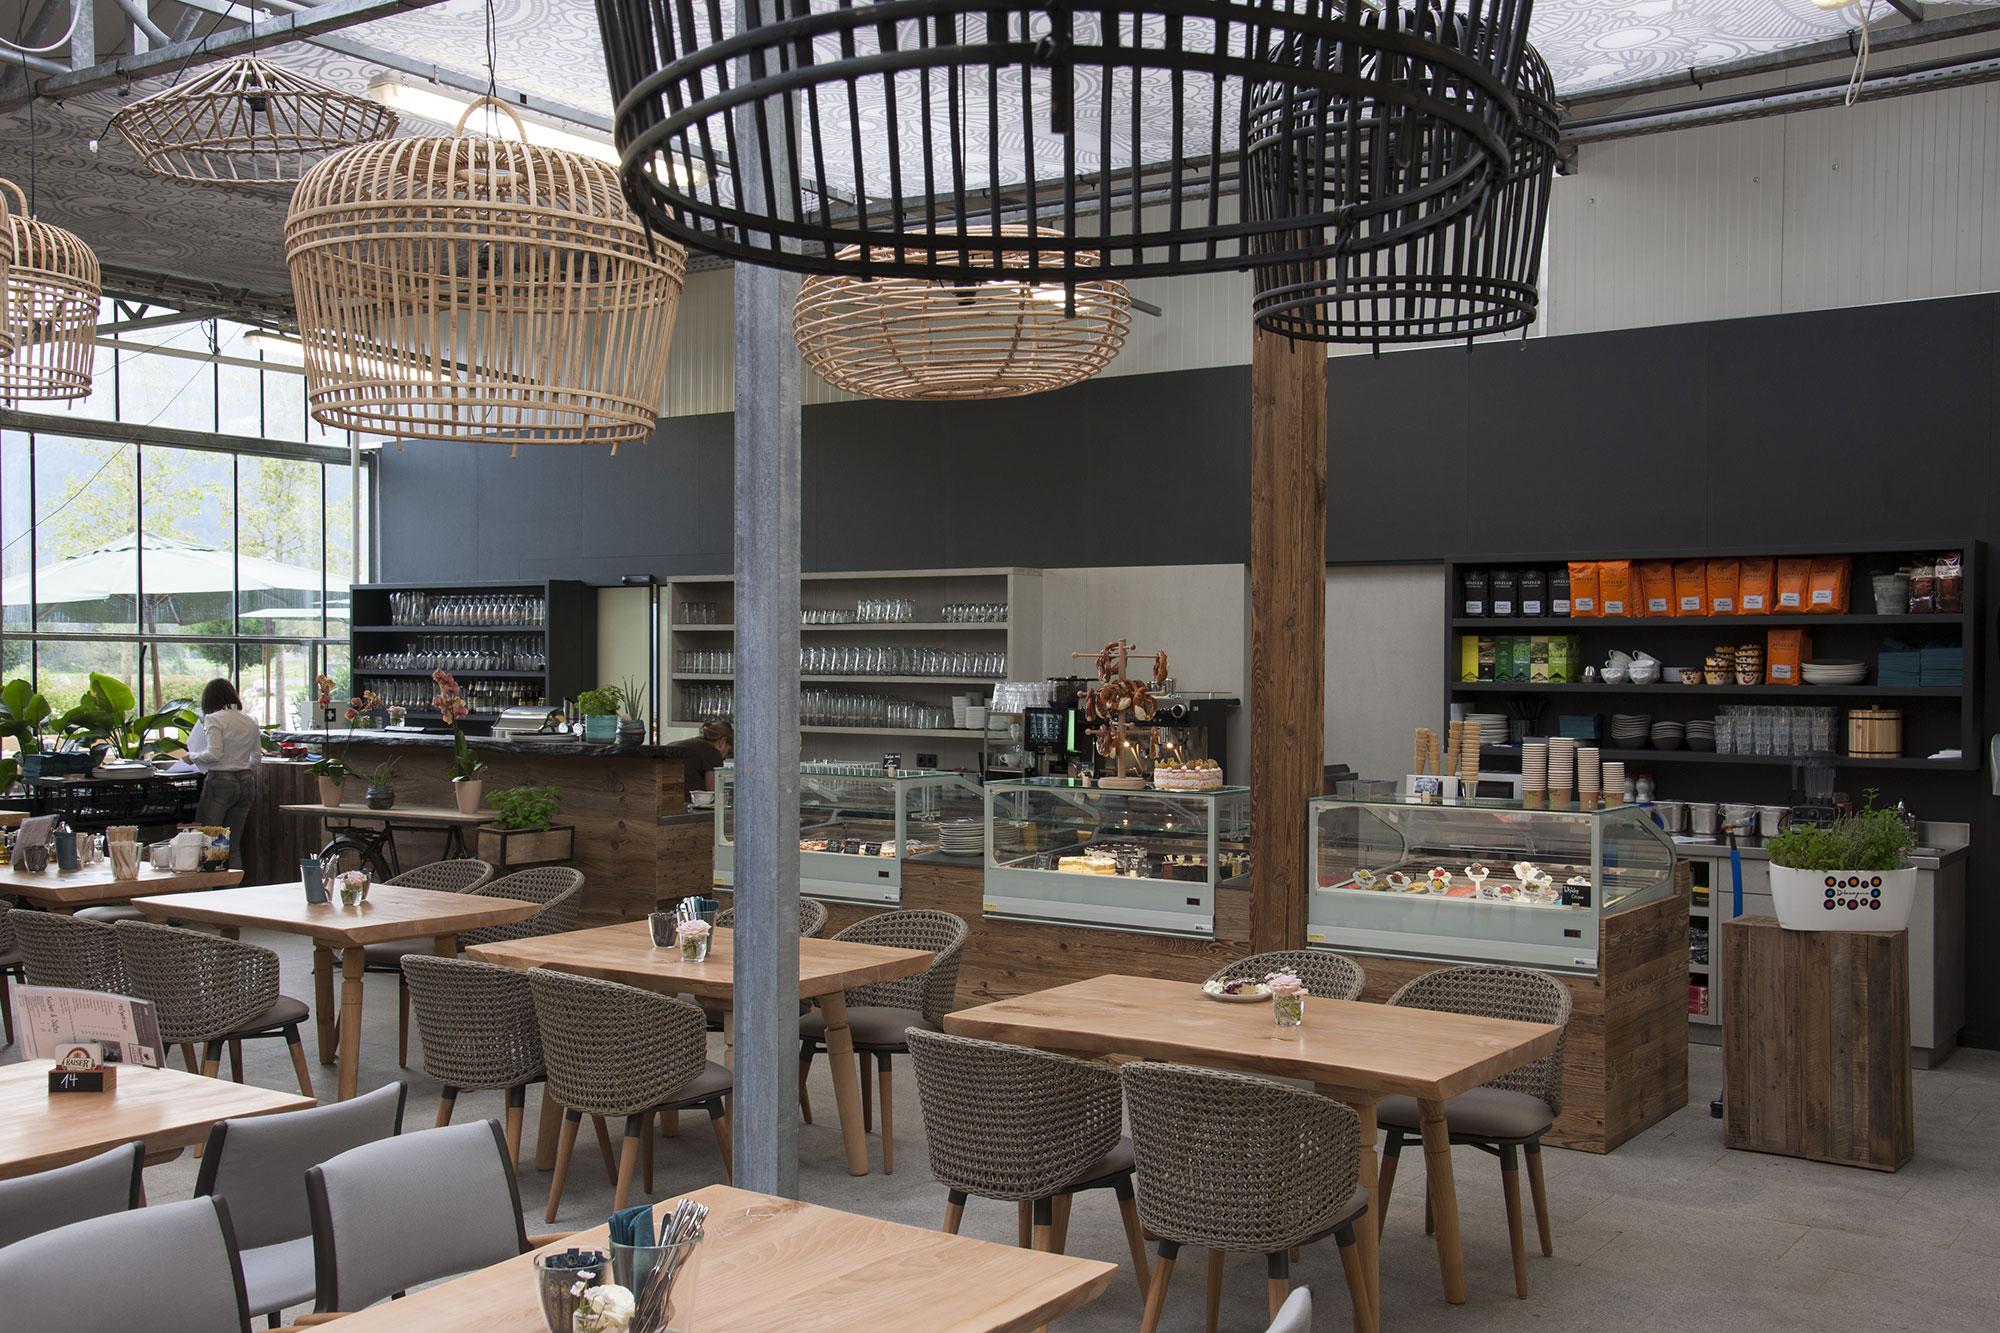 Tischlerei Stöckl Ebbs Café Einrichtung Möbel Inneneinrichtung Holz